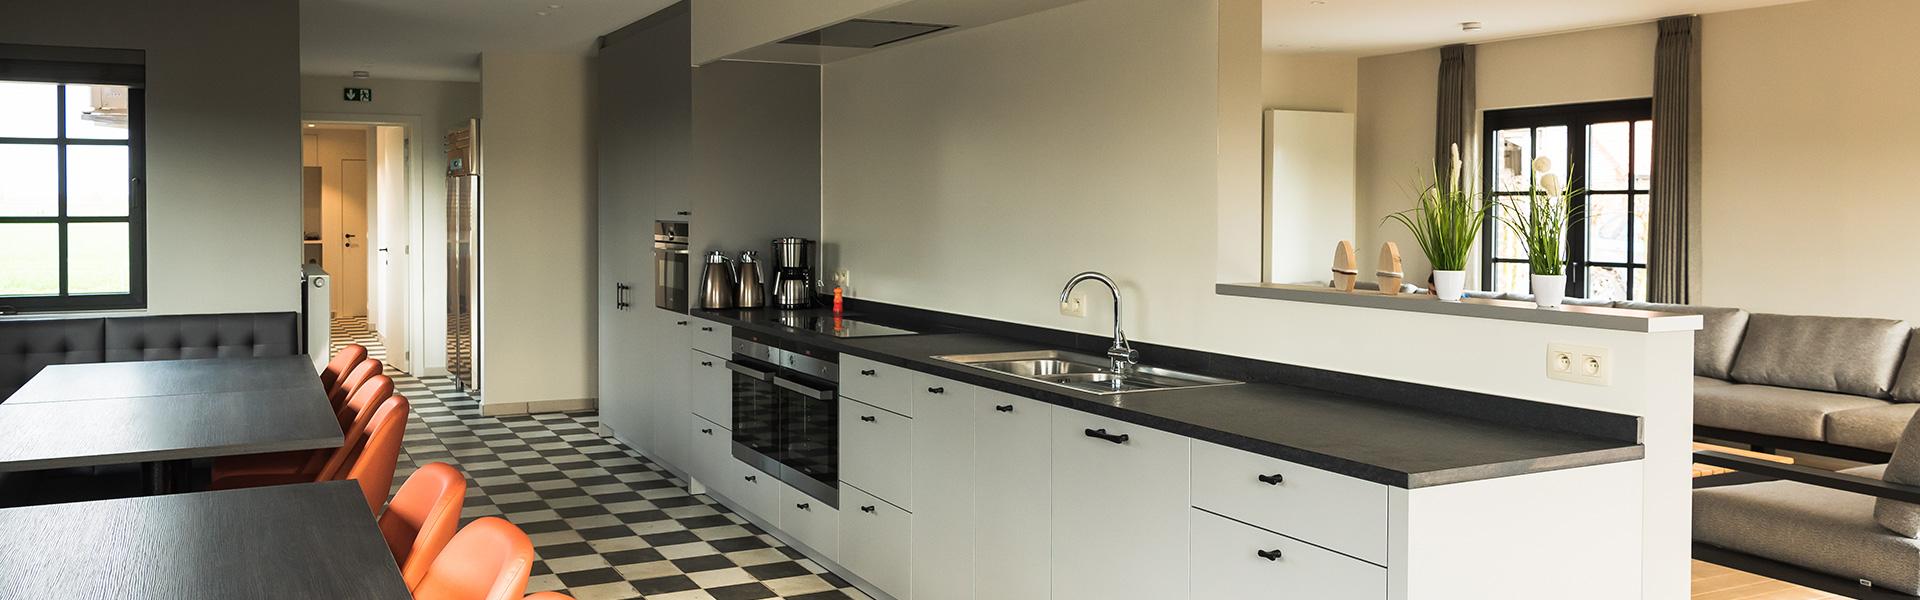 Vakantiehuis met professionele keuken